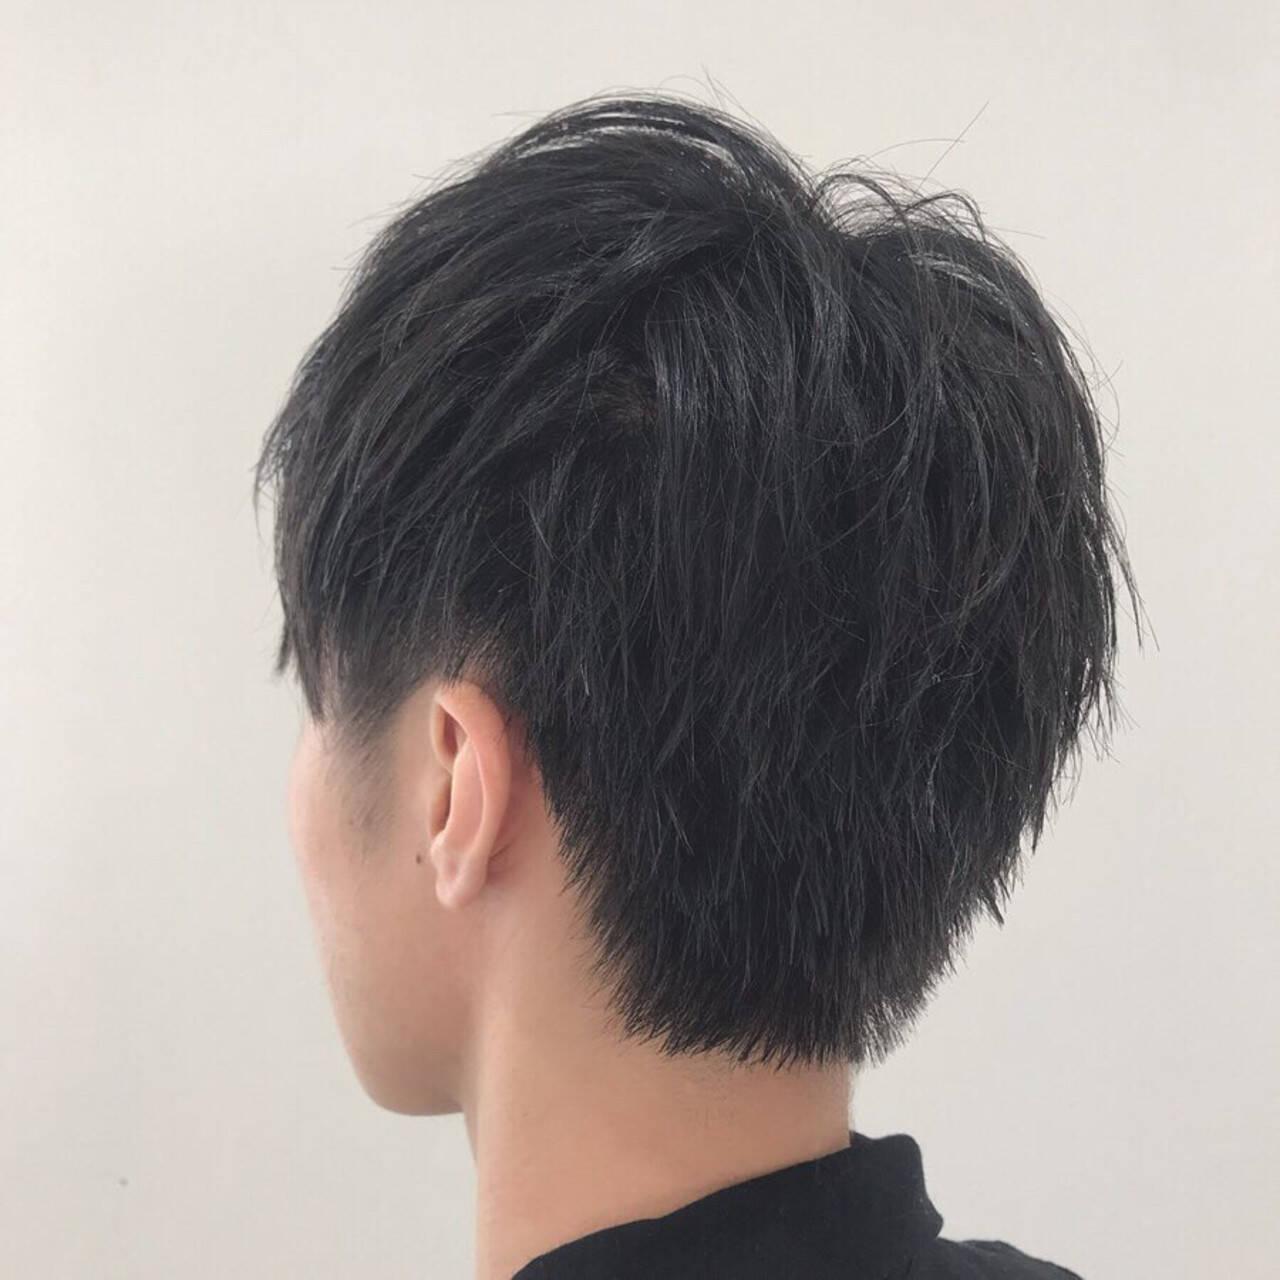 スポーツ メンズスタイル 黒髪 メンズショートヘアスタイルや髪型の写真・画像